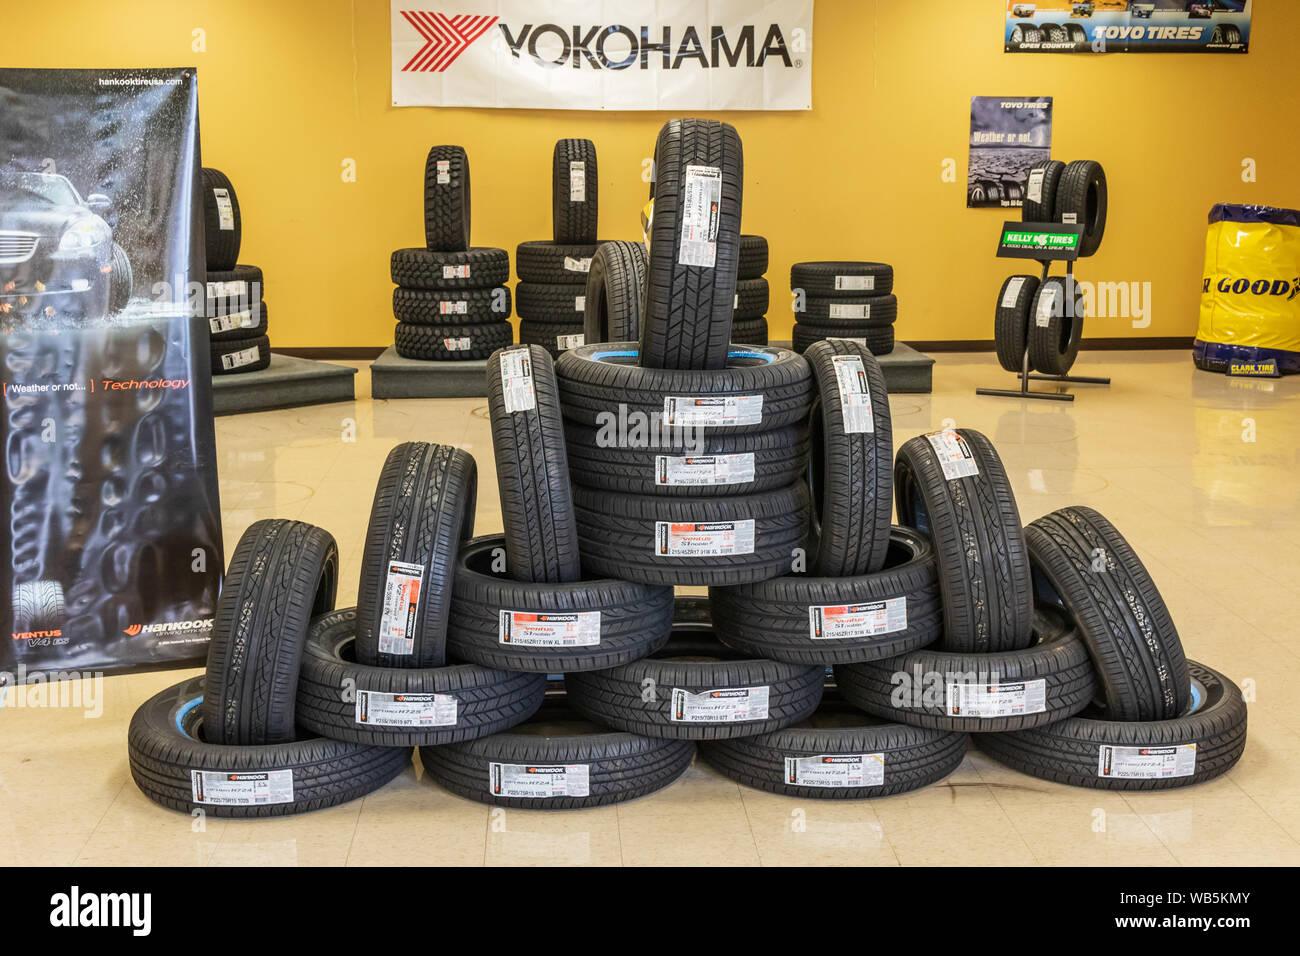 HICKORY, NC, EE.UU. al 25 de junio de 2018: una interesante muestra de auto neumáticos Hankook marca, principalmente, en el suelo de un neumático y taller de reparación de automóviles. Foto de stock